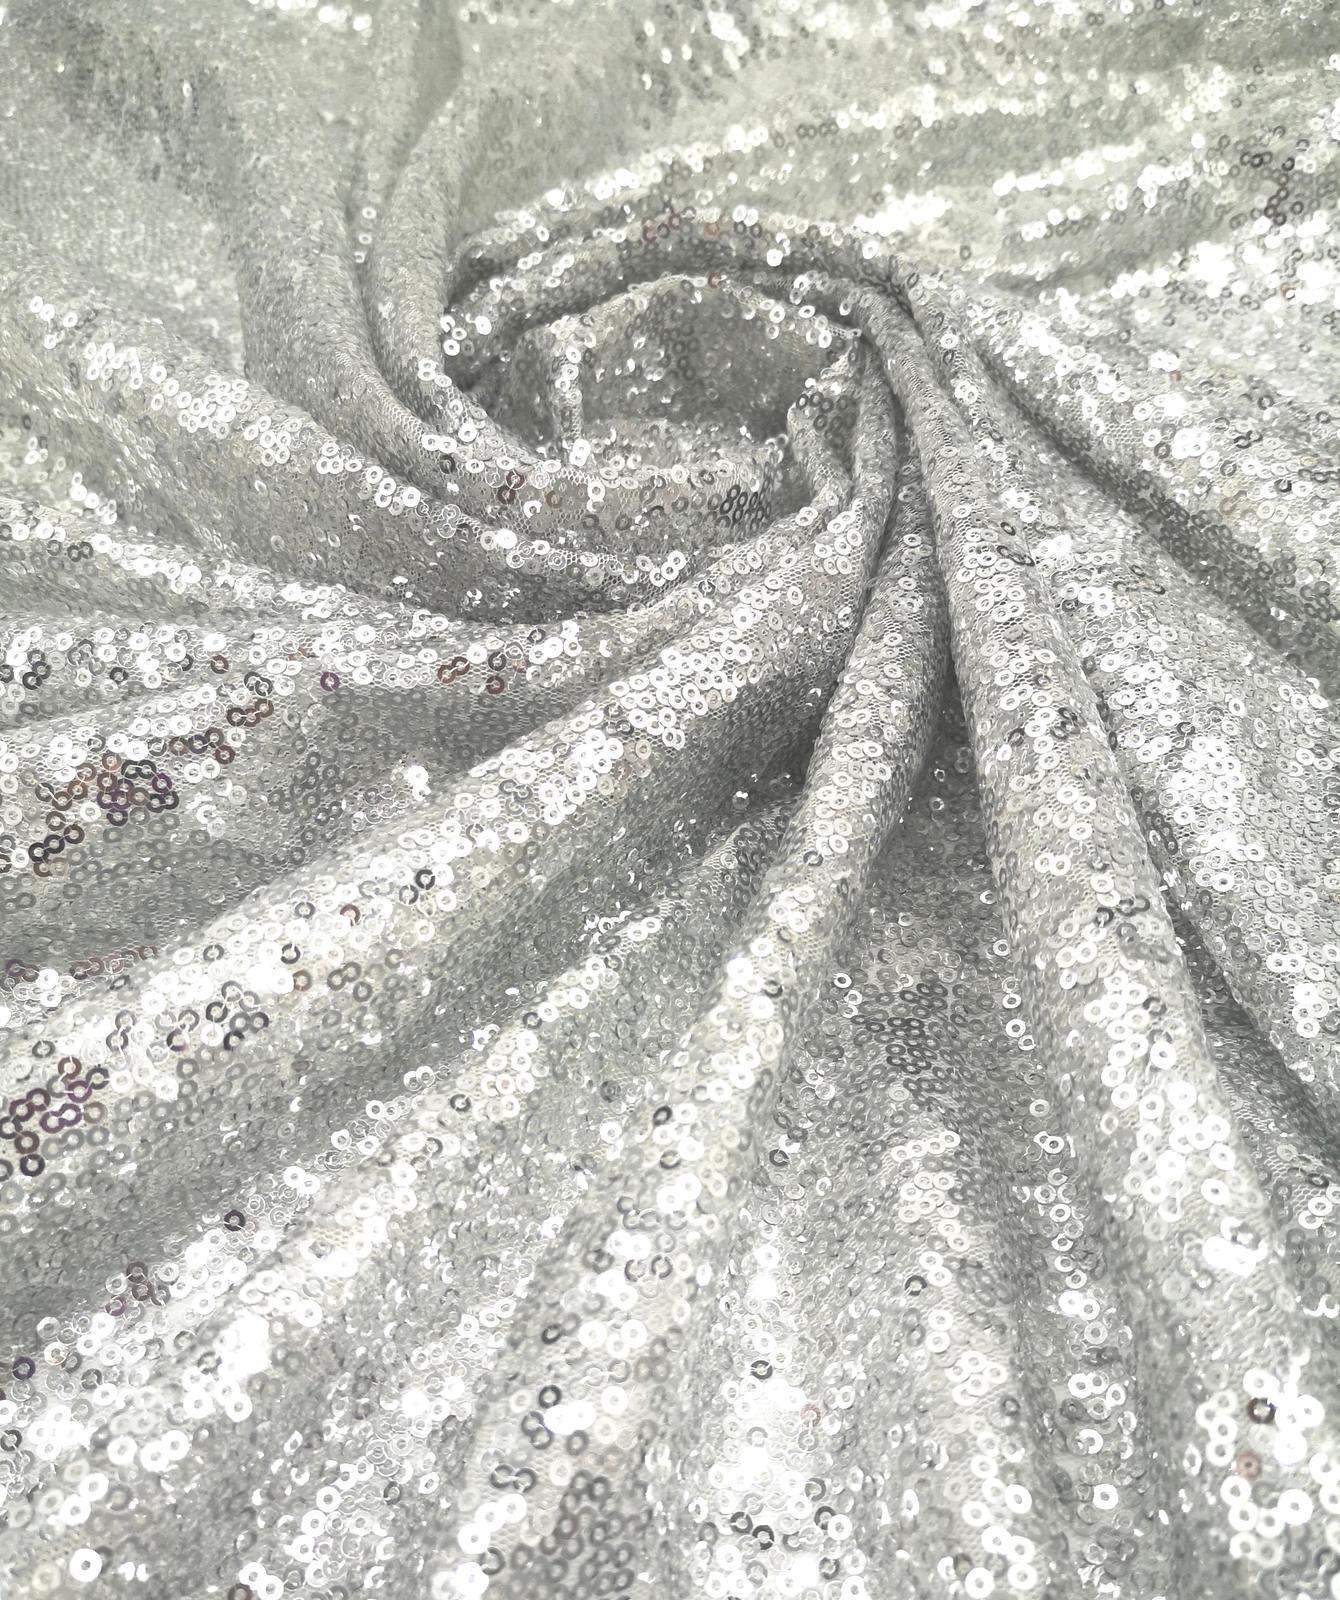 Prenájom - Flitrovaný obrus silver 120 x 180 cm - Obrázok č. 1